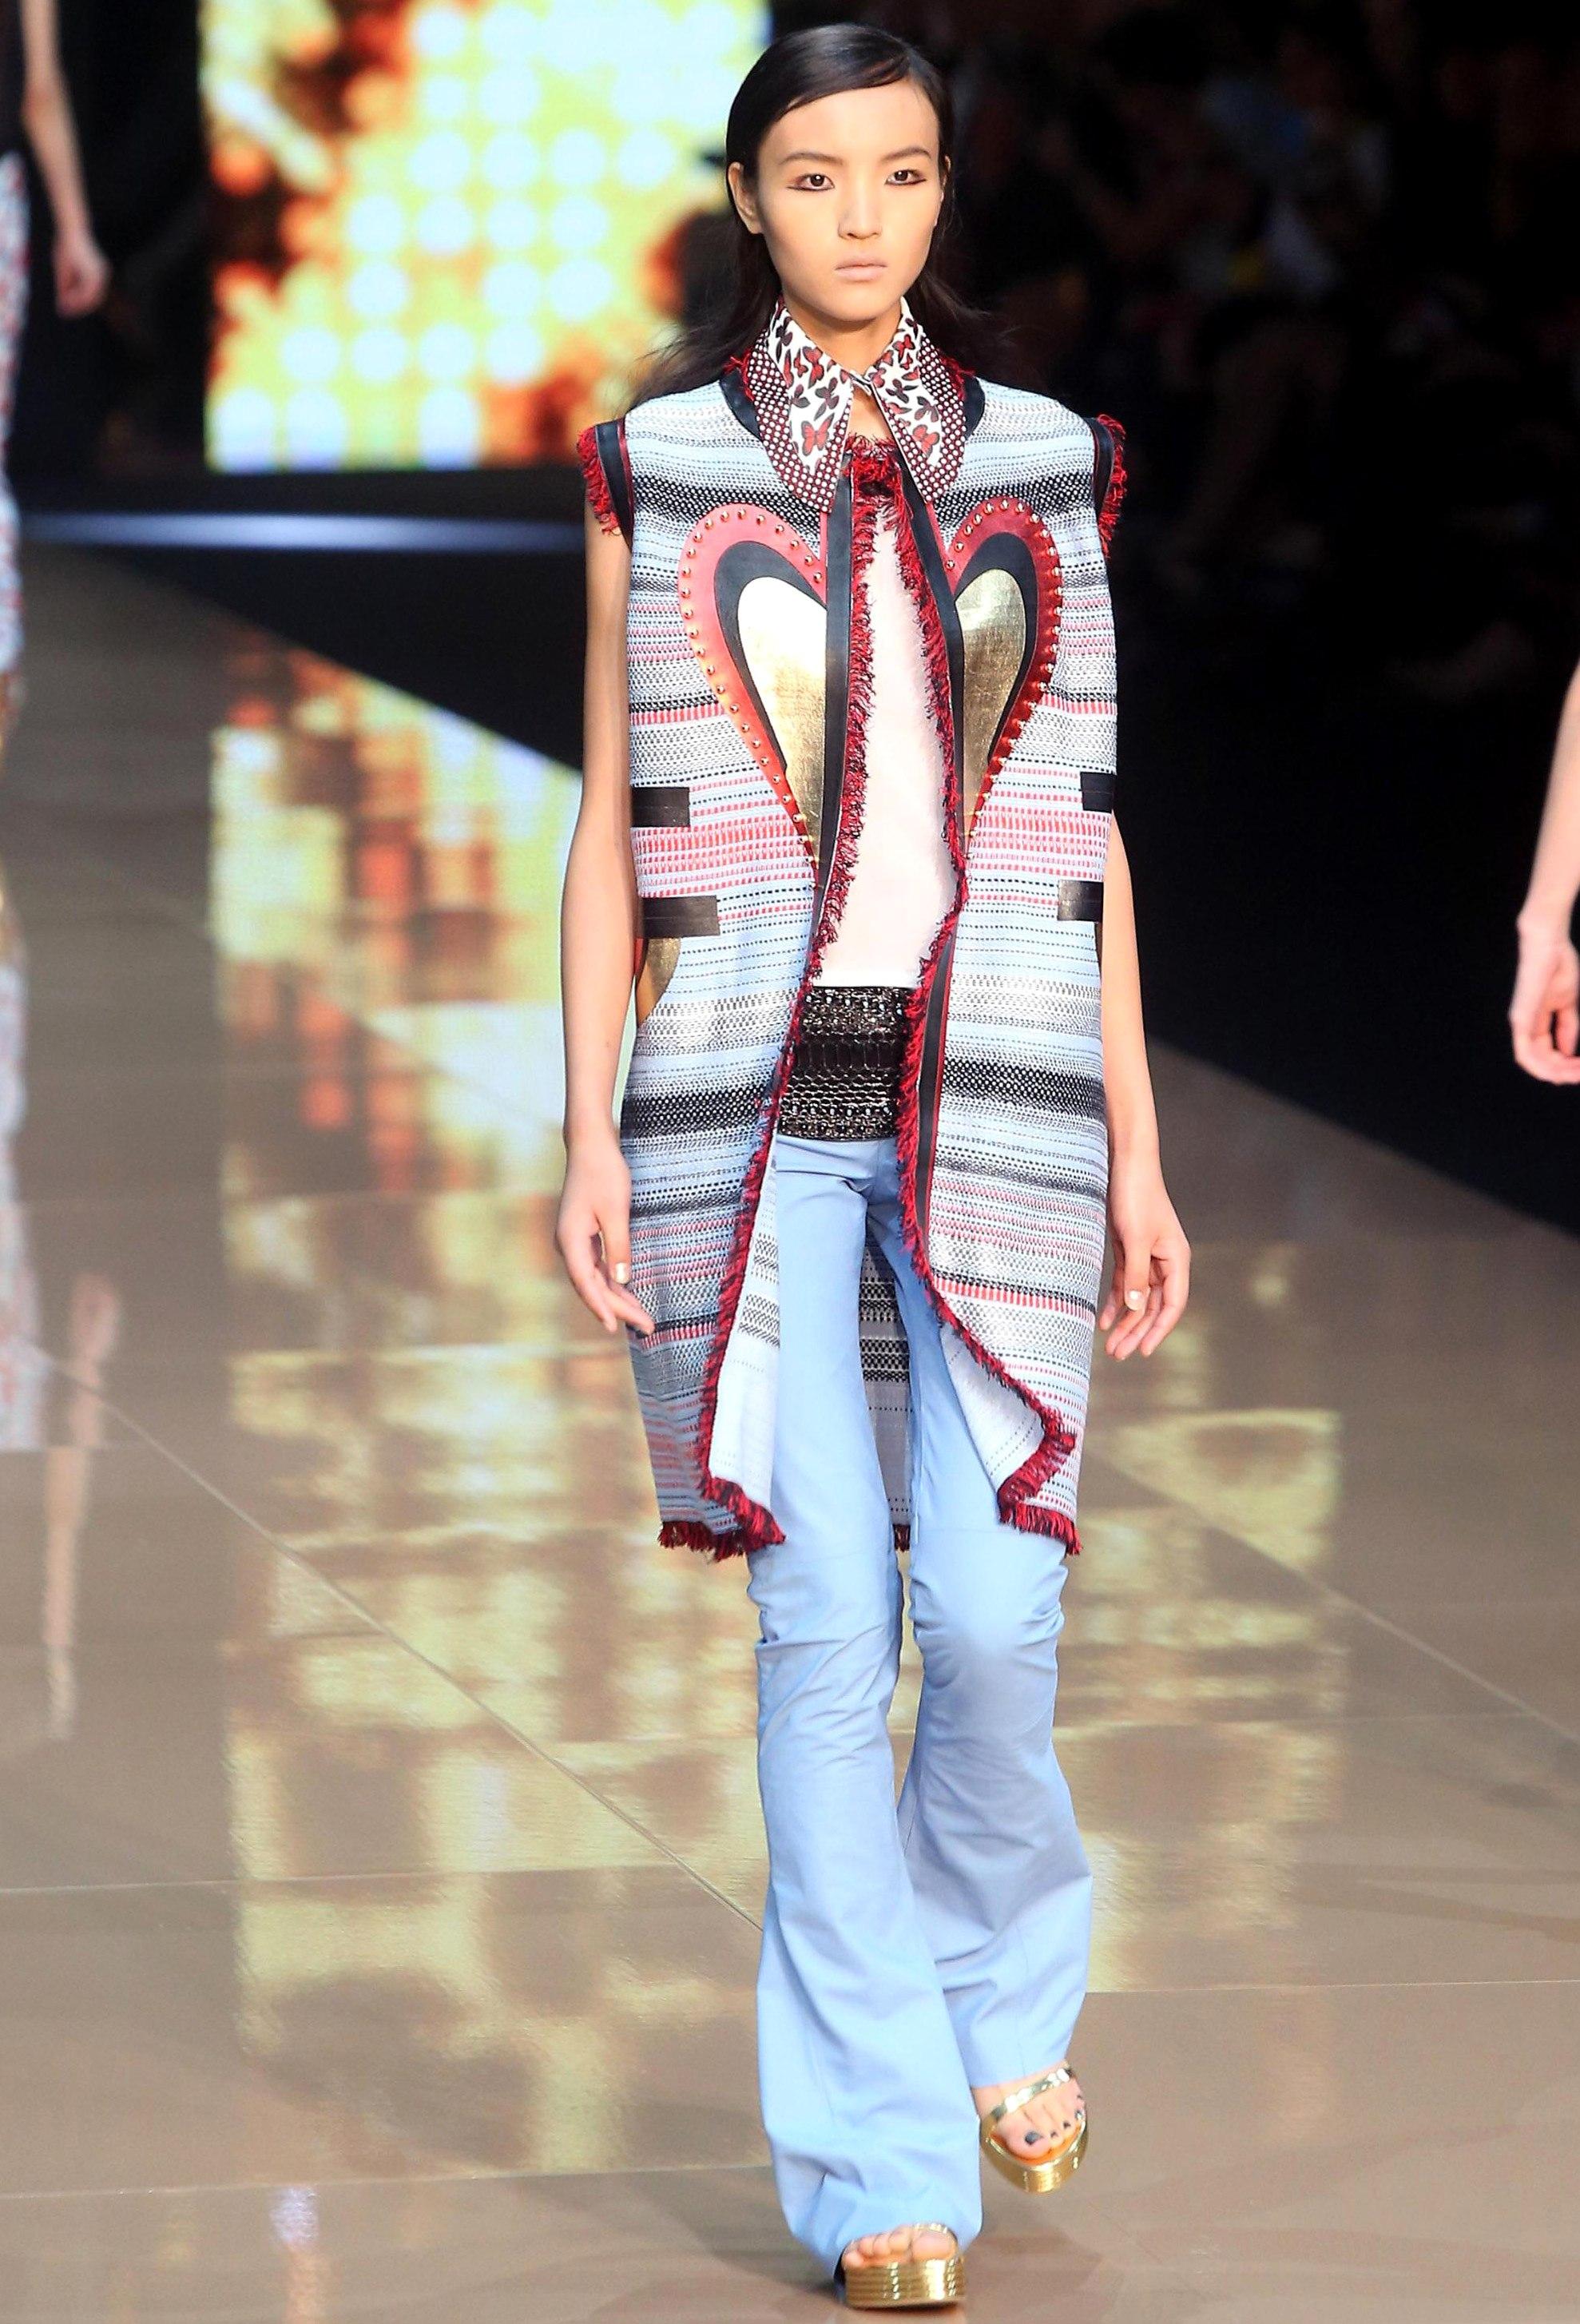 Semana De La Moda En Milan-Italia (Fotos)